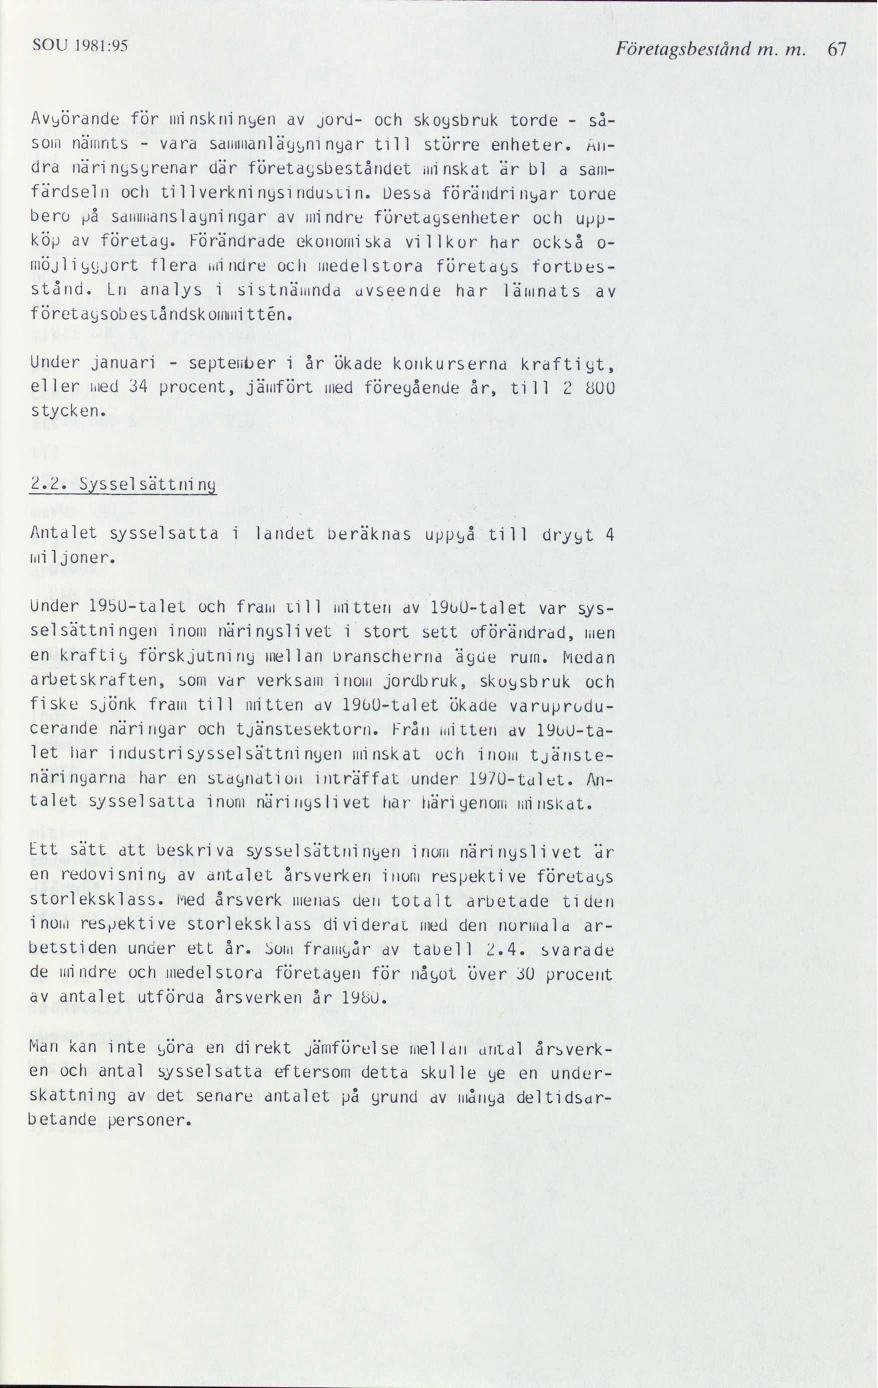 Tyskt overskott okade i september